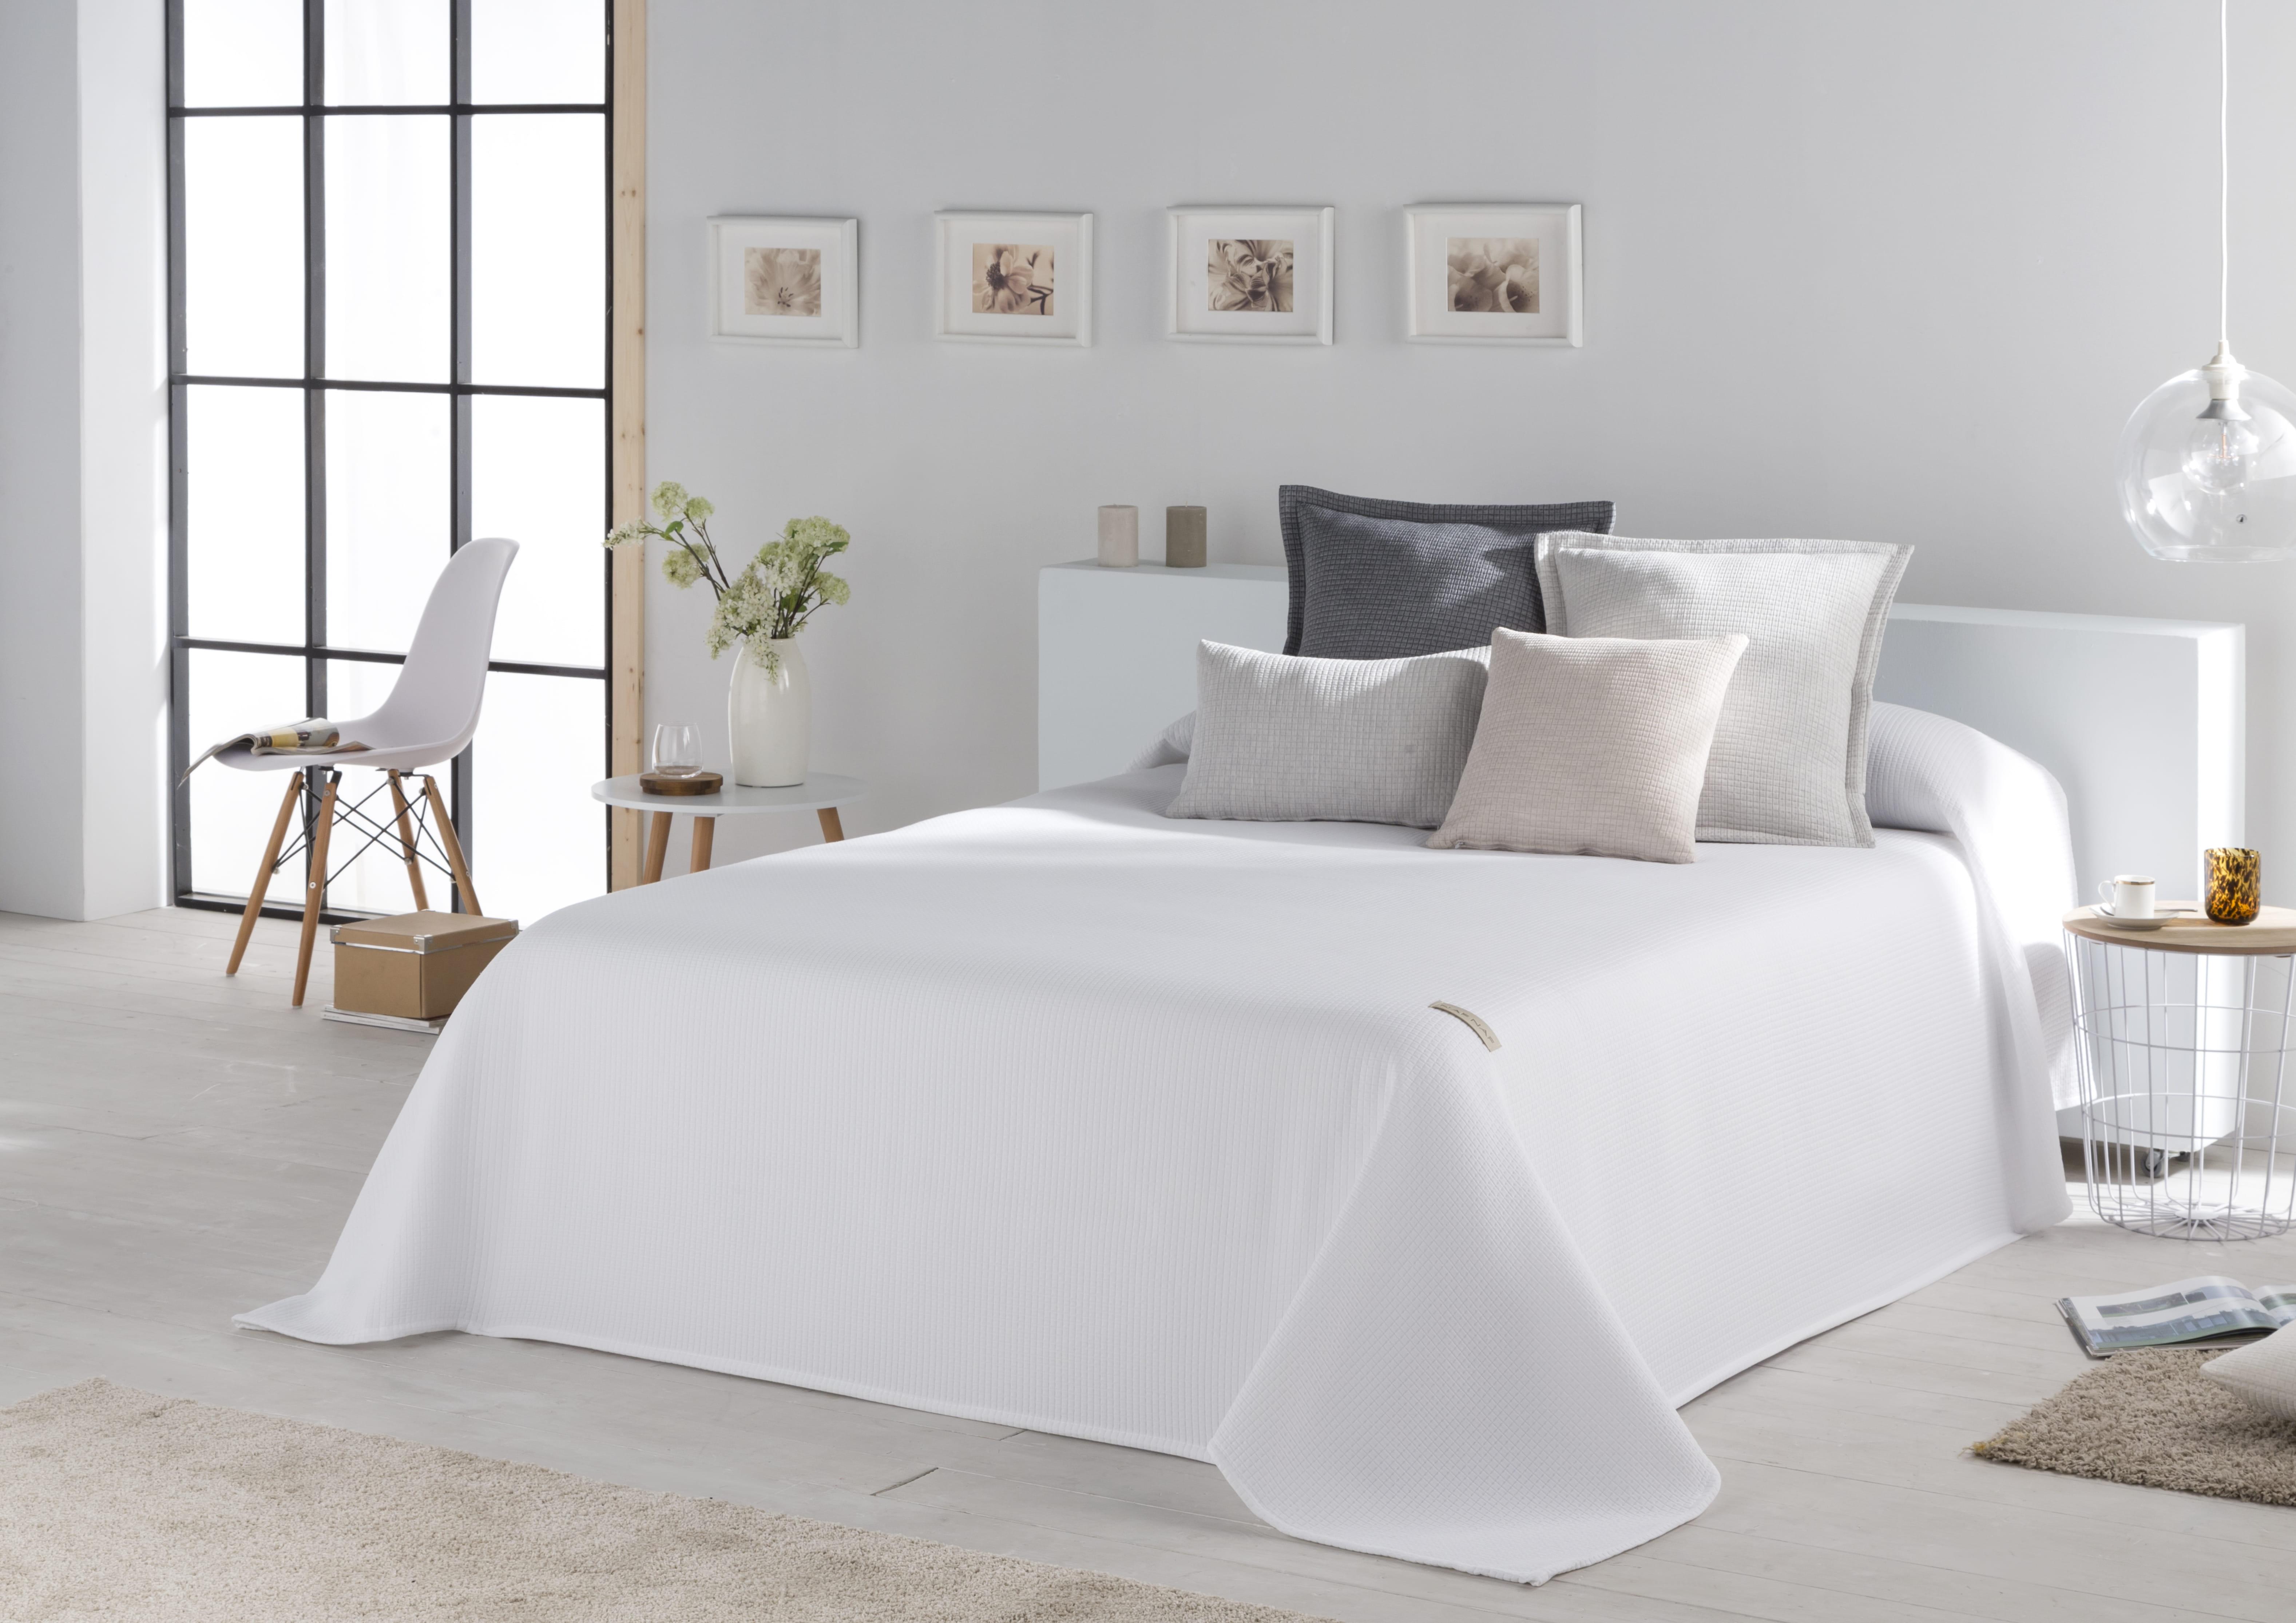 Couvre lit en coton blanc 230x270